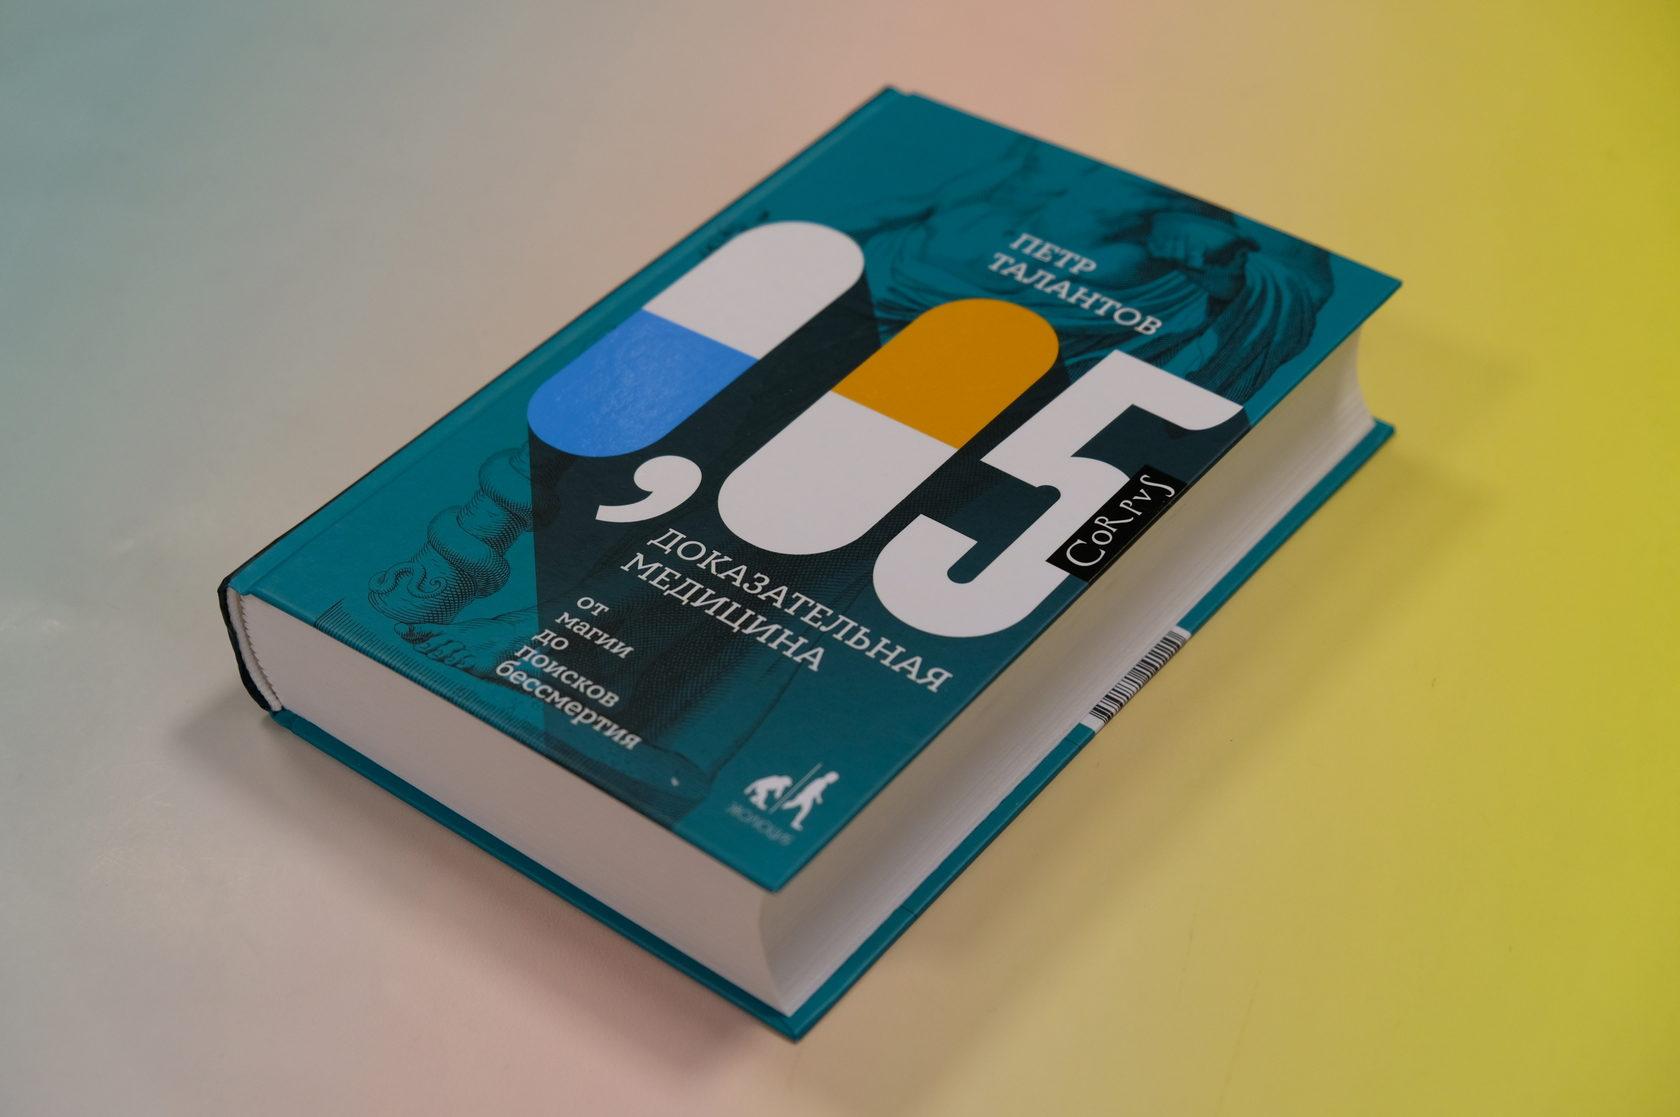 Купить книгу Петр Талантов «0,05. Доказательная медицина от магии до поисков бессмертия»